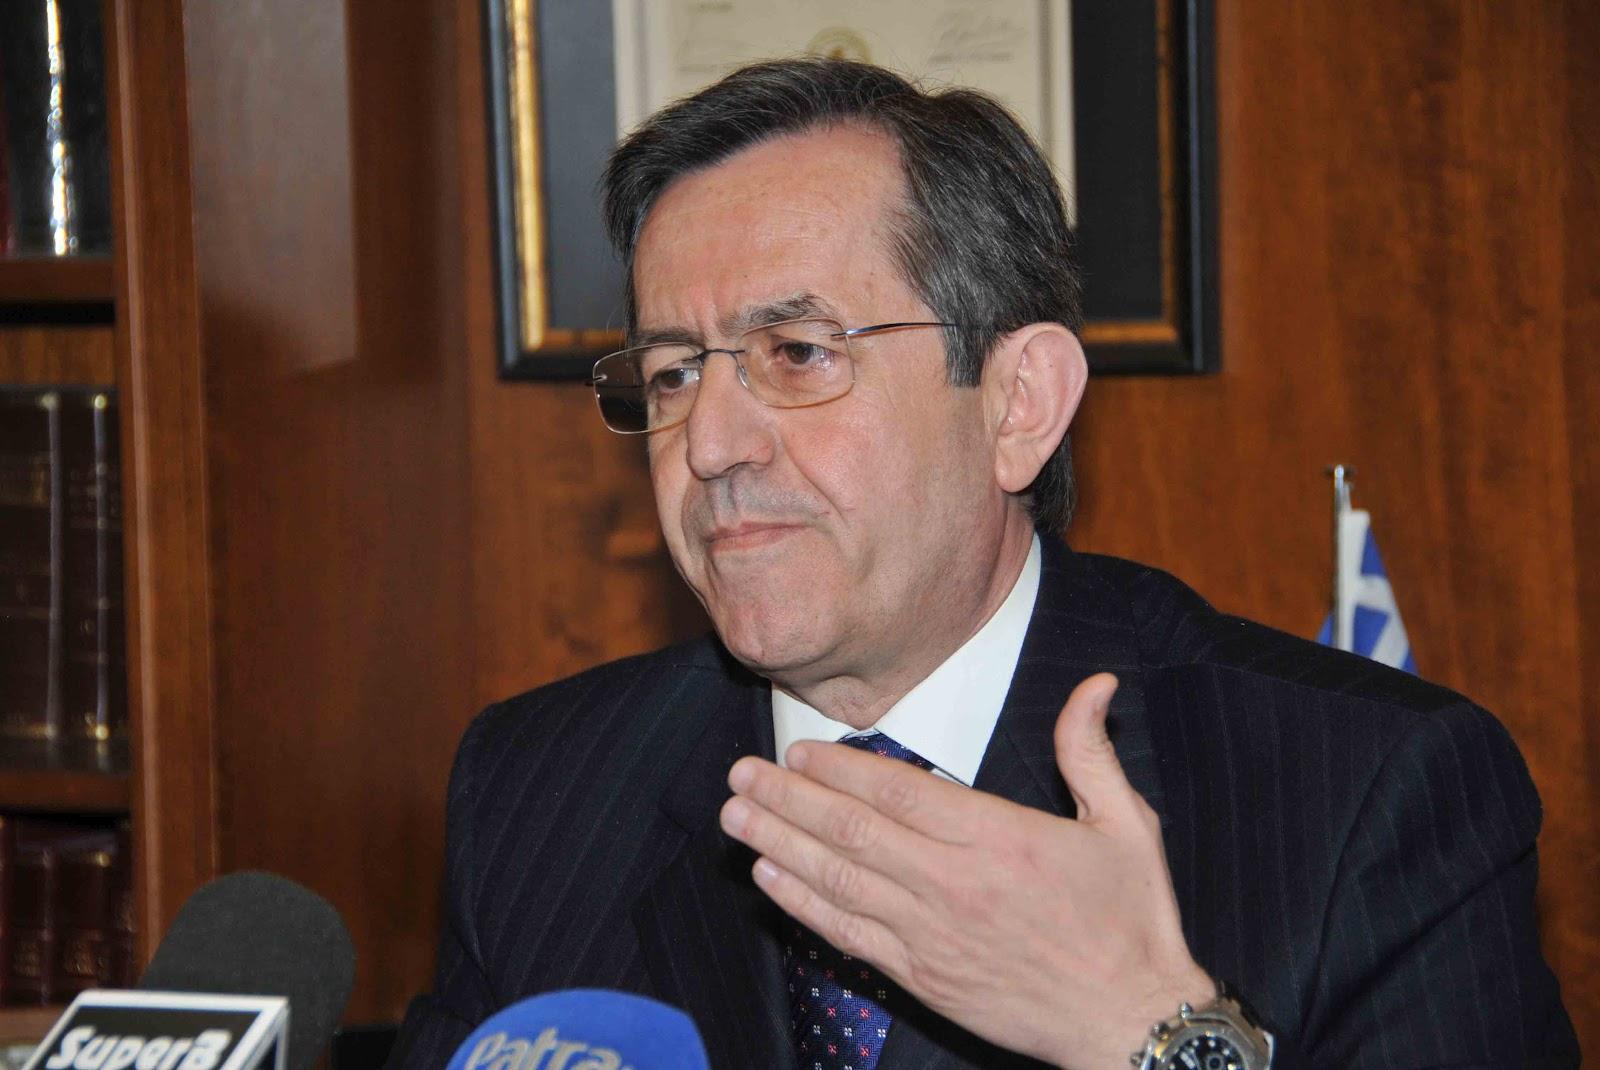 Νικολόπουλος: Δεν ψηφίζω το νομοσχέδιο με τα προαπαιτούμενα